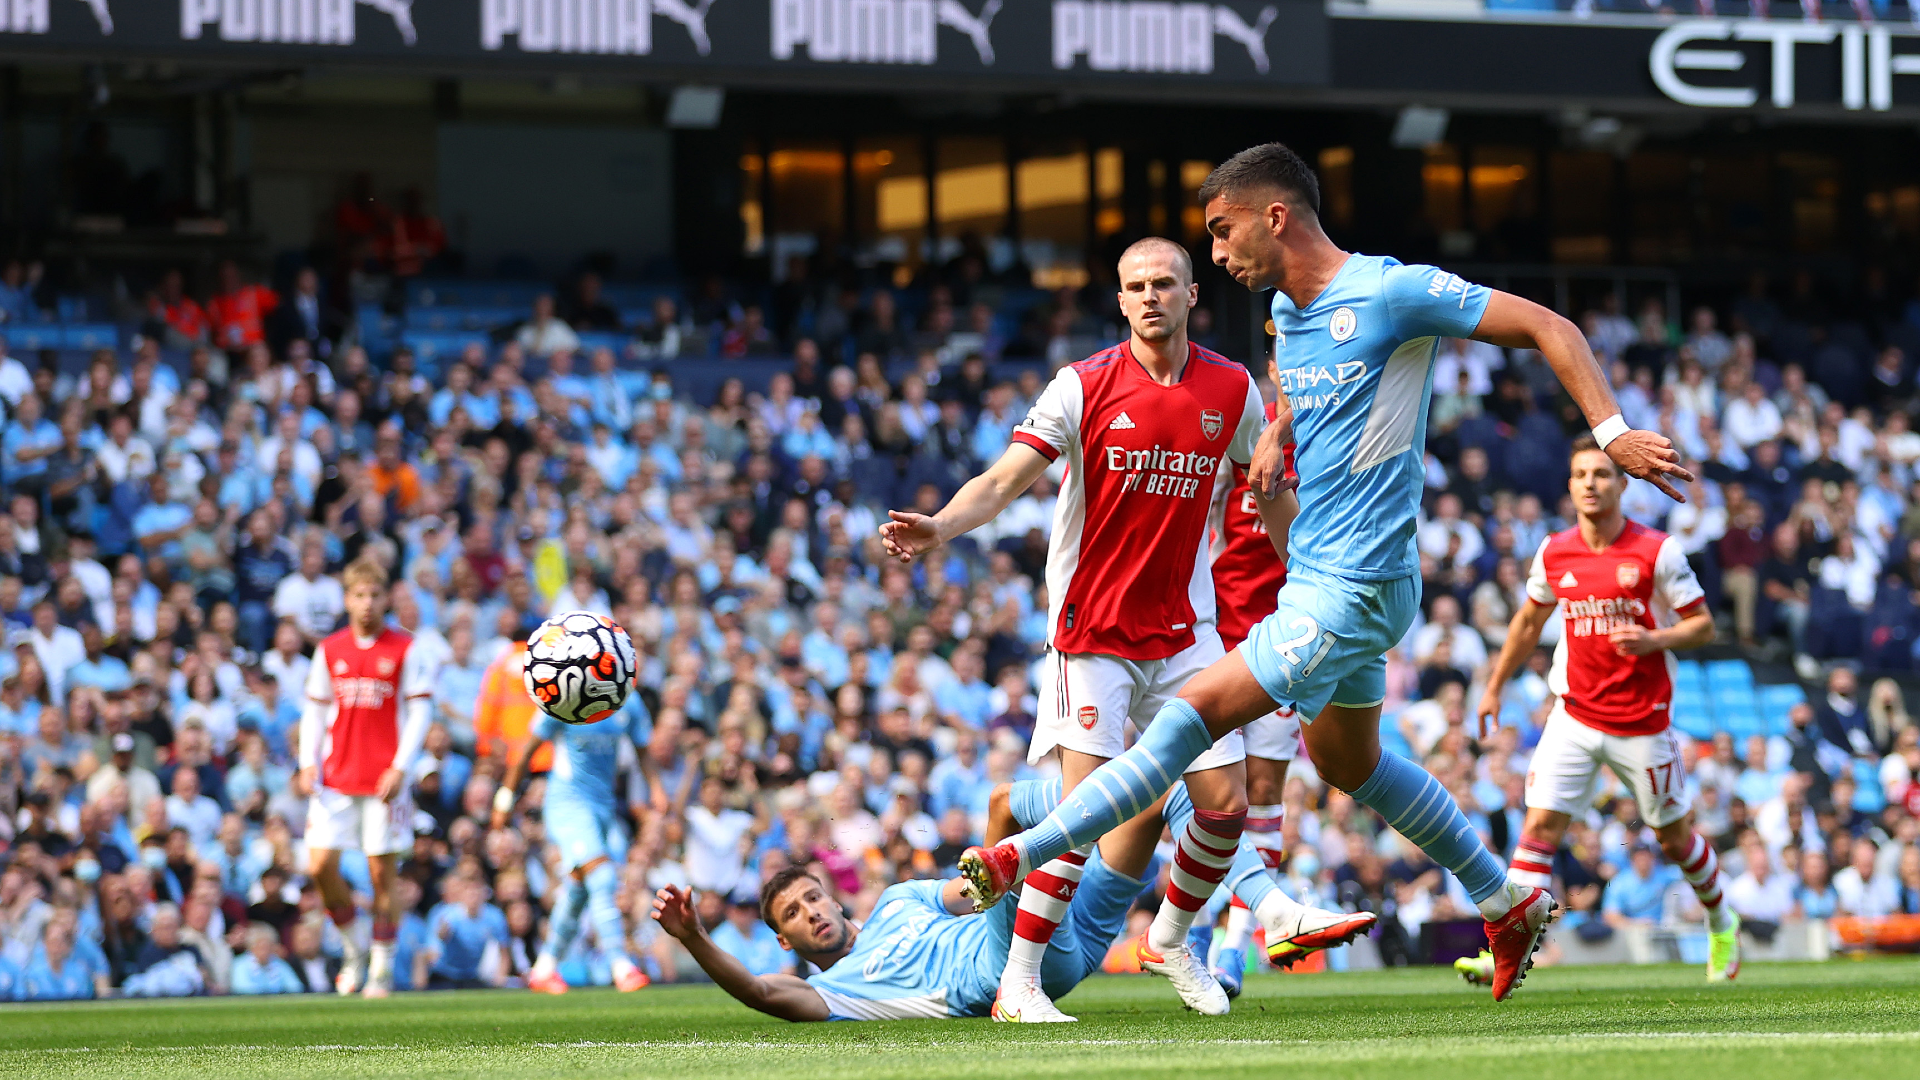 TORRES. : Con dos goles y una asistencia, Torres fue el mejor jugador del partido.